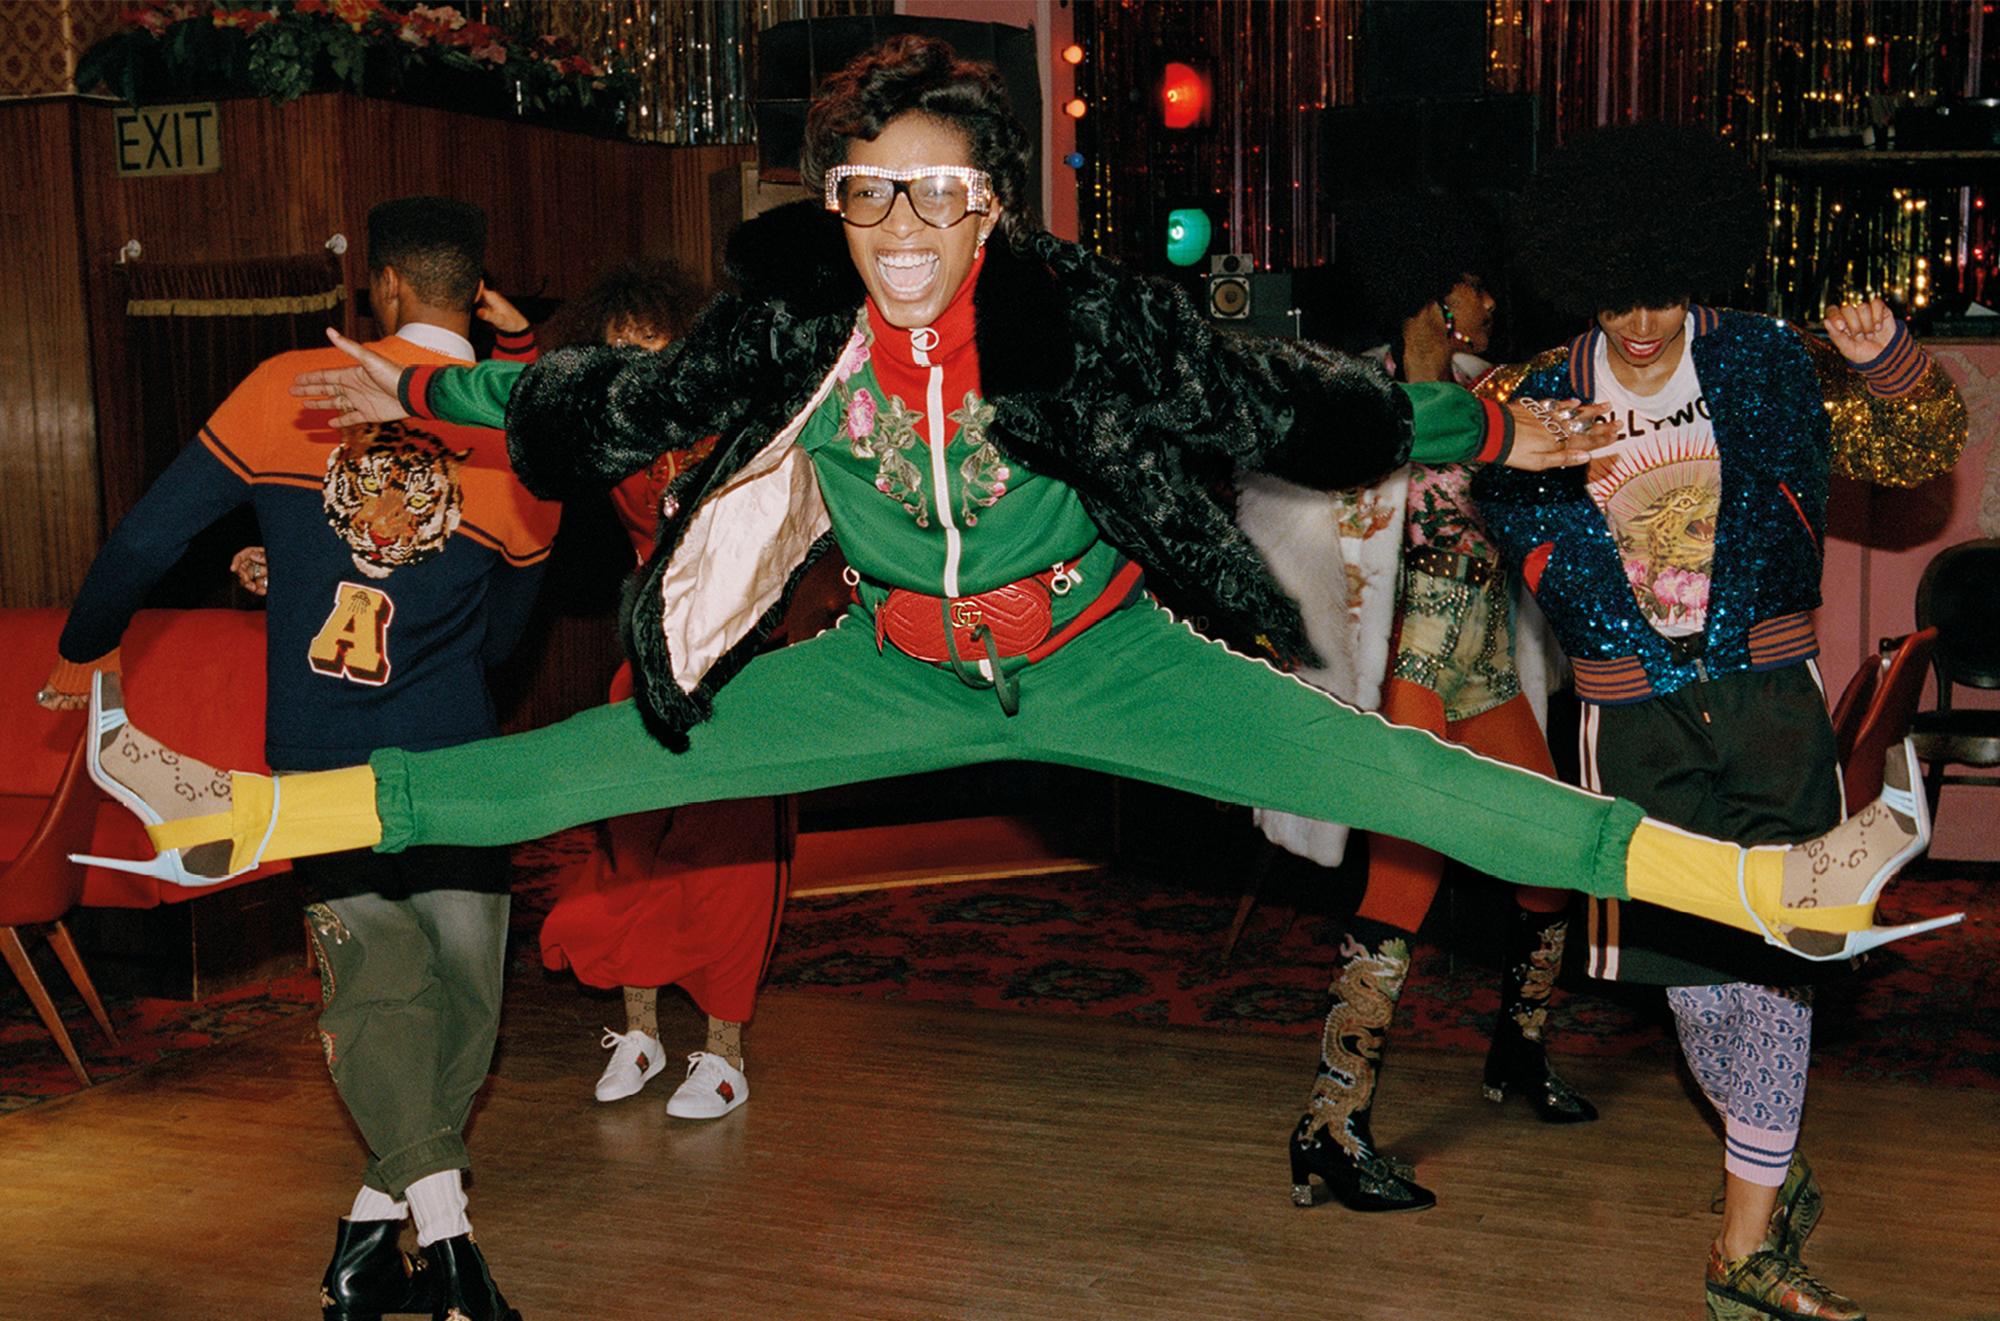 Gucci pre-fall 17 campaign London dancehall